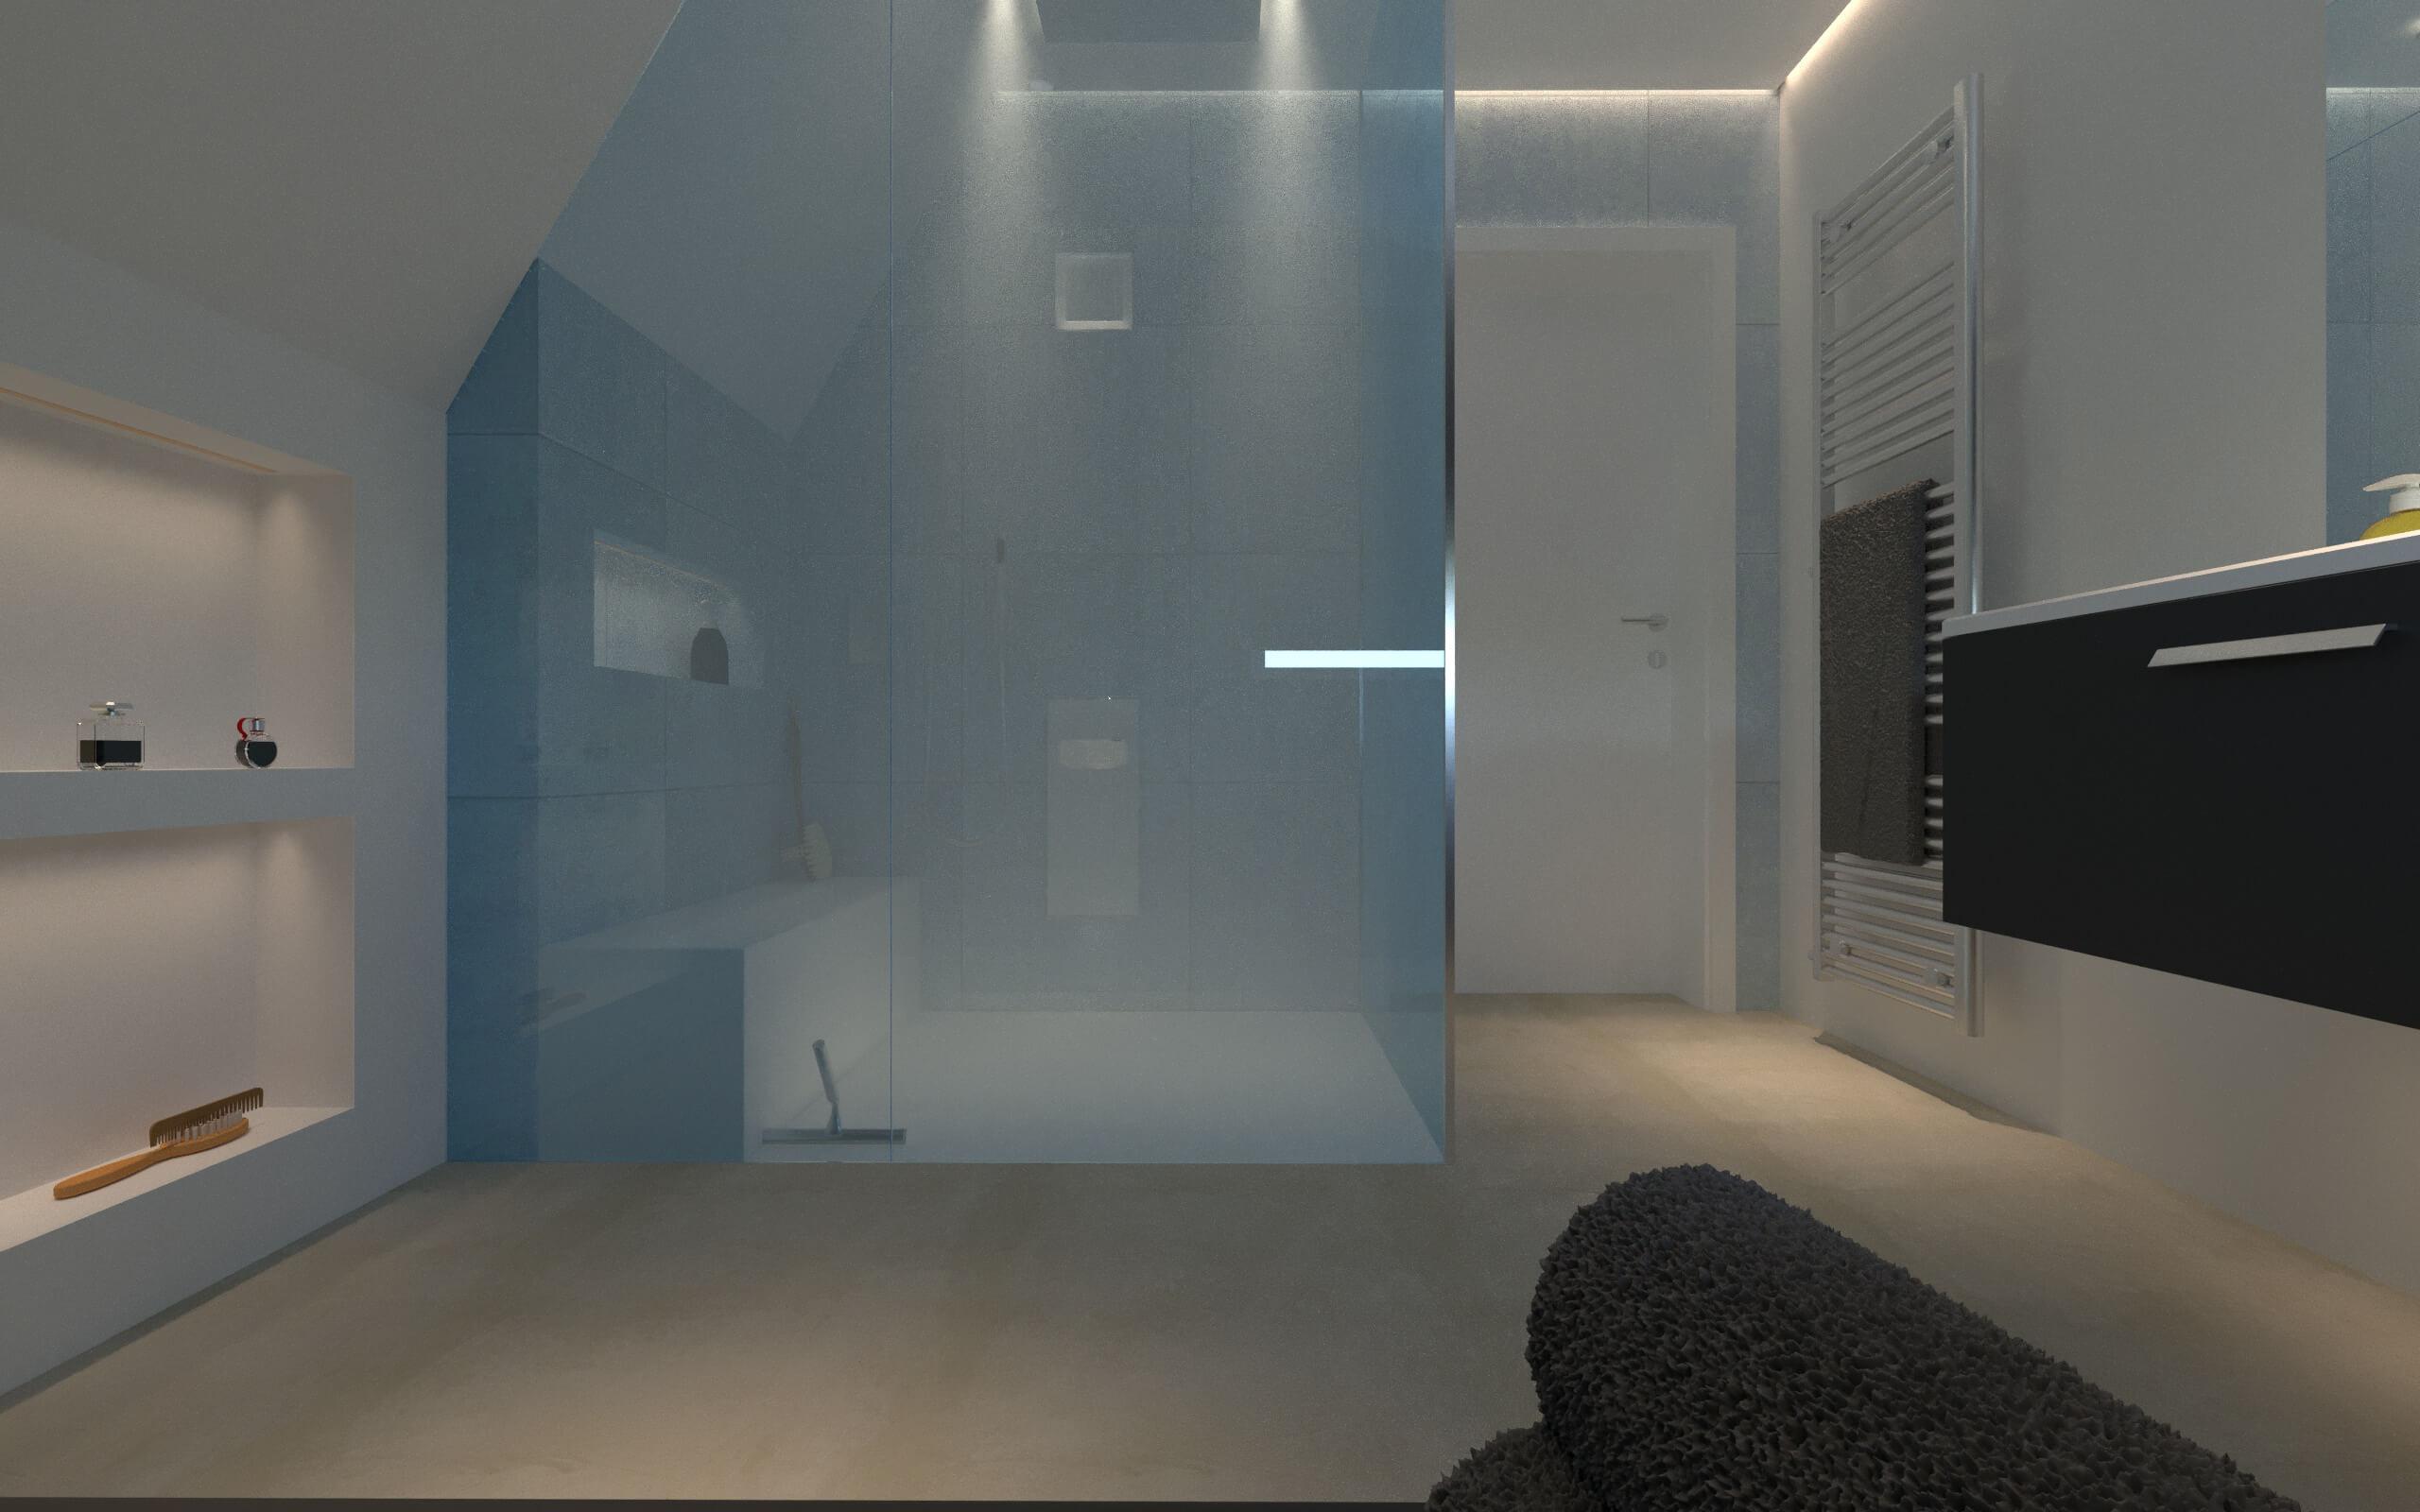 Tipps für die exklusive Badplanung hier für eine Damopfdusche im Baddesign mit dem Designer Torsten Müller Bad Honnef Bonn Köln 3D Artist Franz Lorenz Wagner Stuttgart 2019